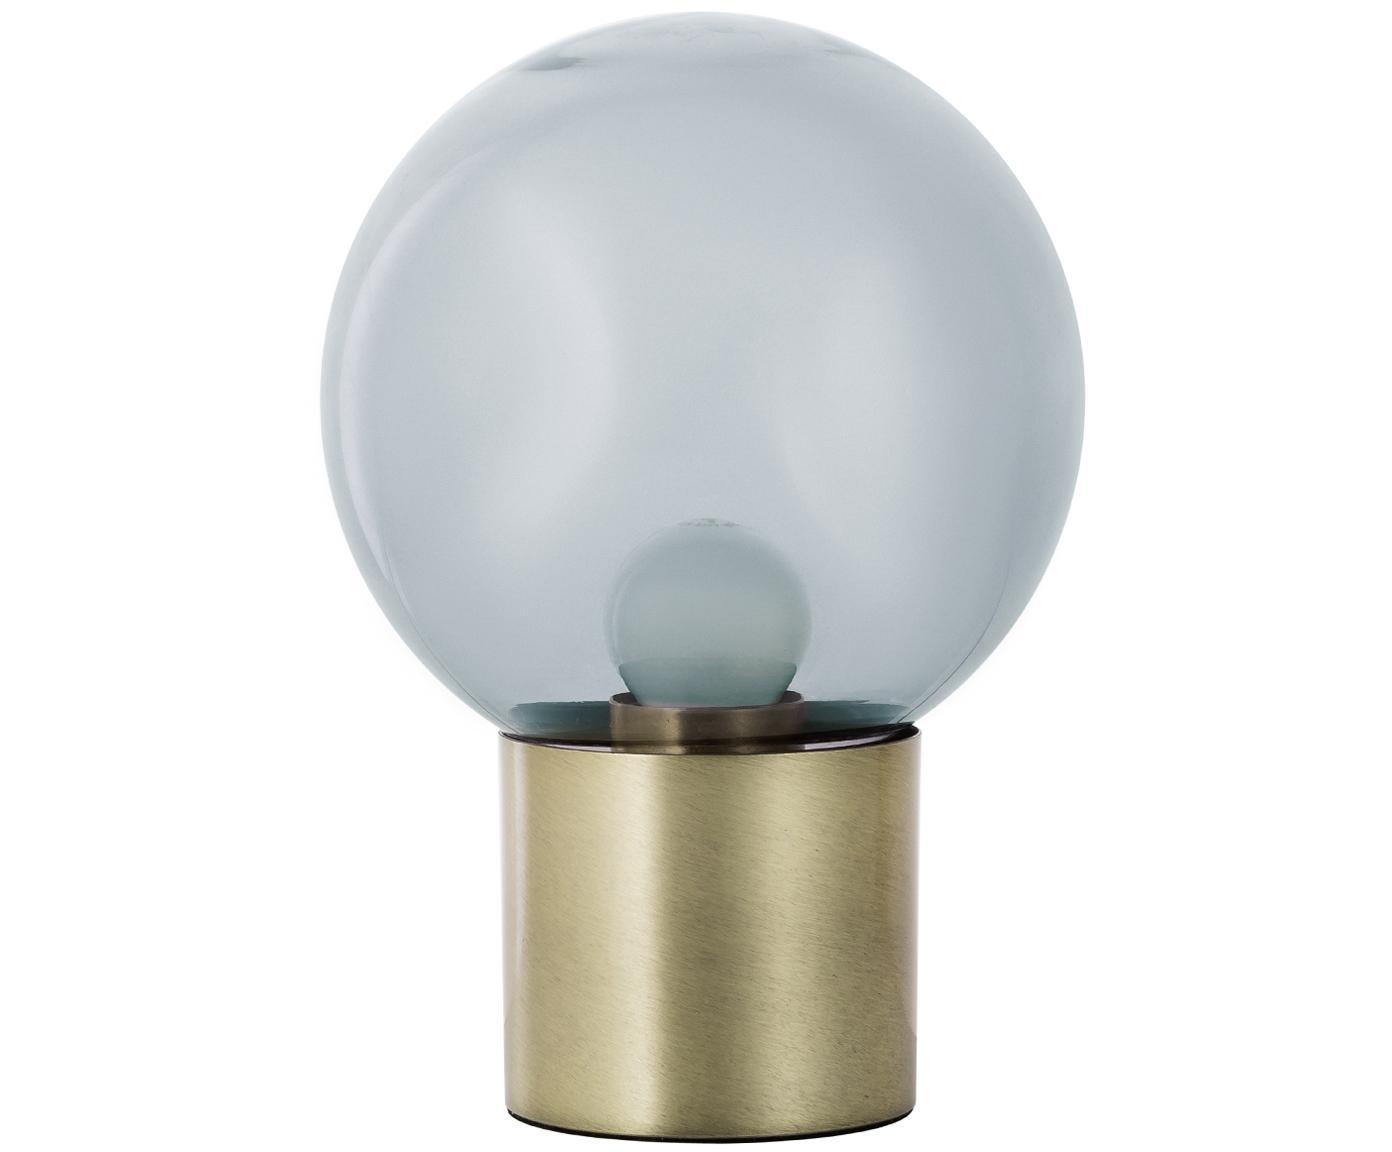 Tafellamp Lark, Lampenkap: glas, Lampvoet: geborsteld metaal, Lampenkap: grijs, transparant. Lampvoet: mat messingkleurig, Ø 17 x H 24 cm